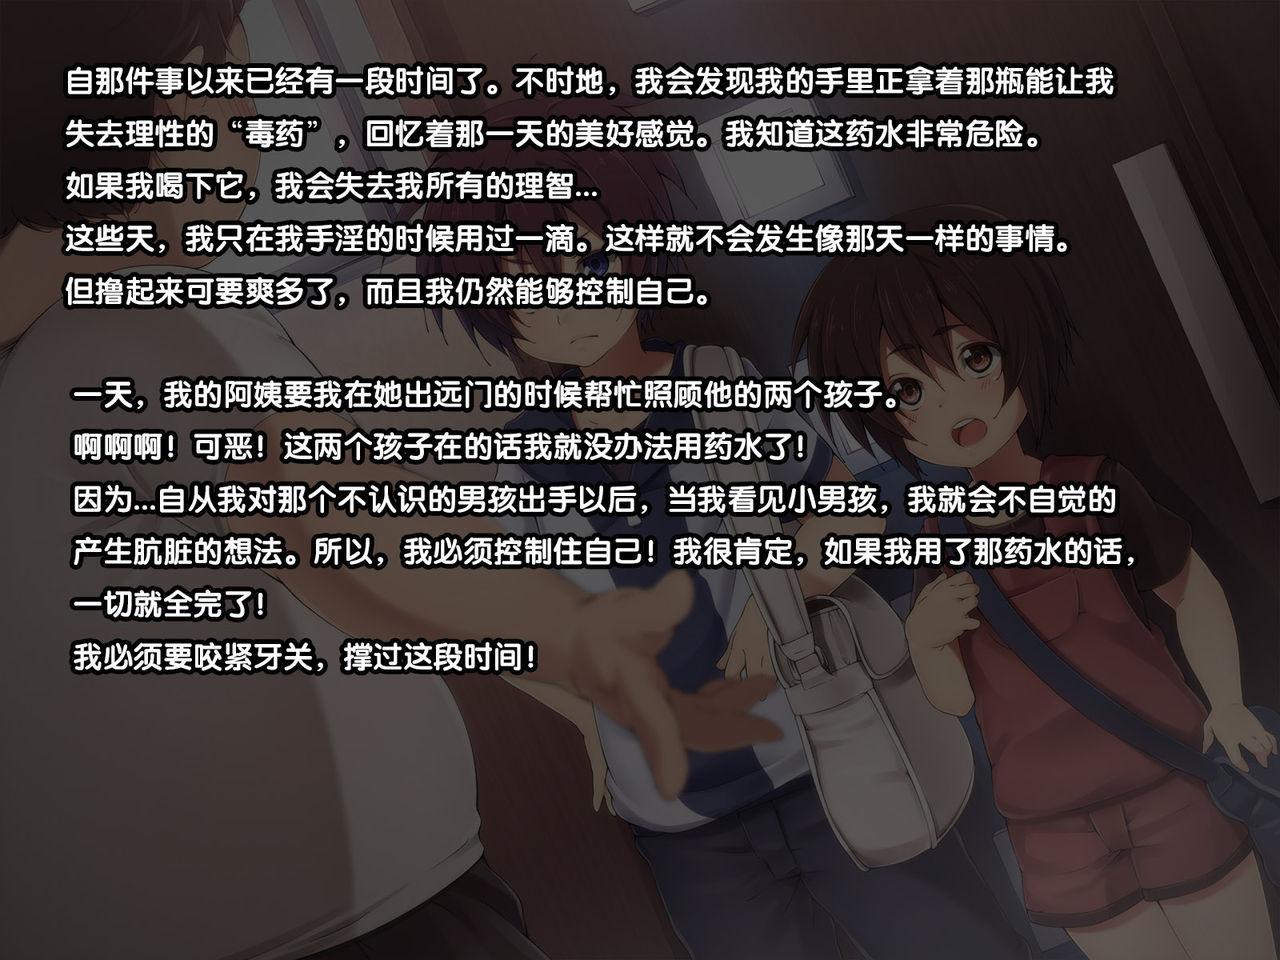 Seiryokuzai de Seiyoku Bouhatsu! Tairyou Tanetsuke de Shota Kyoudai Kyousei Harabote! 13